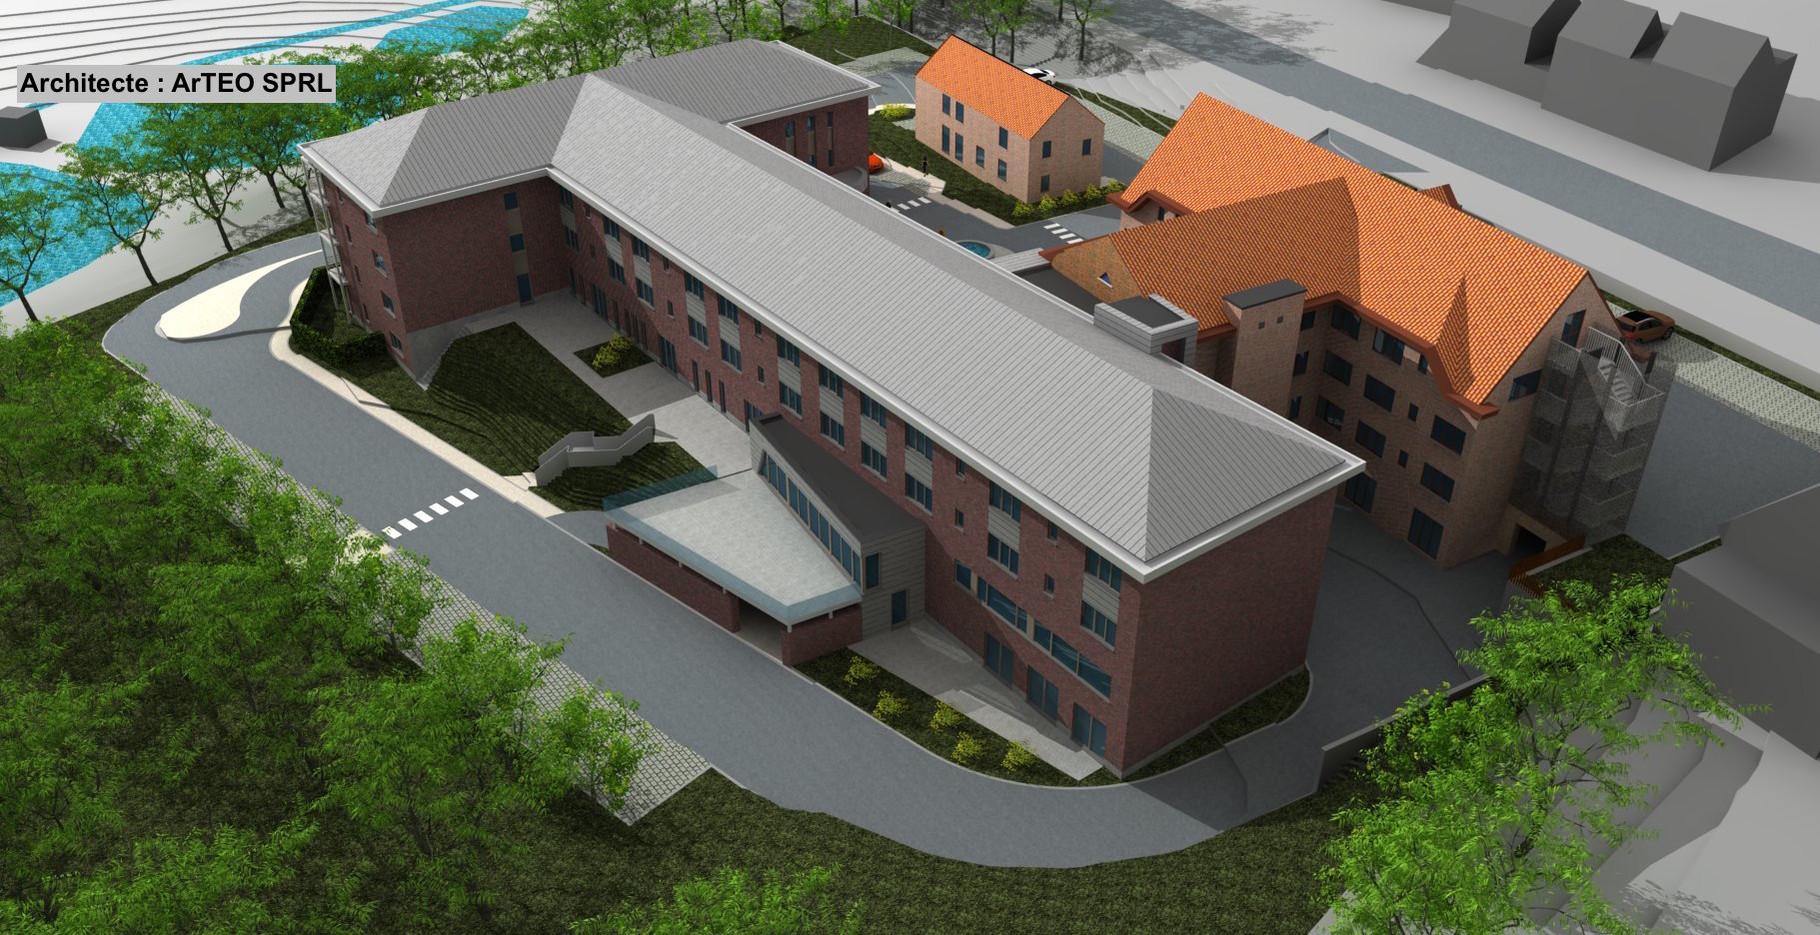 Maison de repos et résidence-services à Gembloux : Techniques spéciales, Responsabilité PEB et Coordination Sécurité Santé